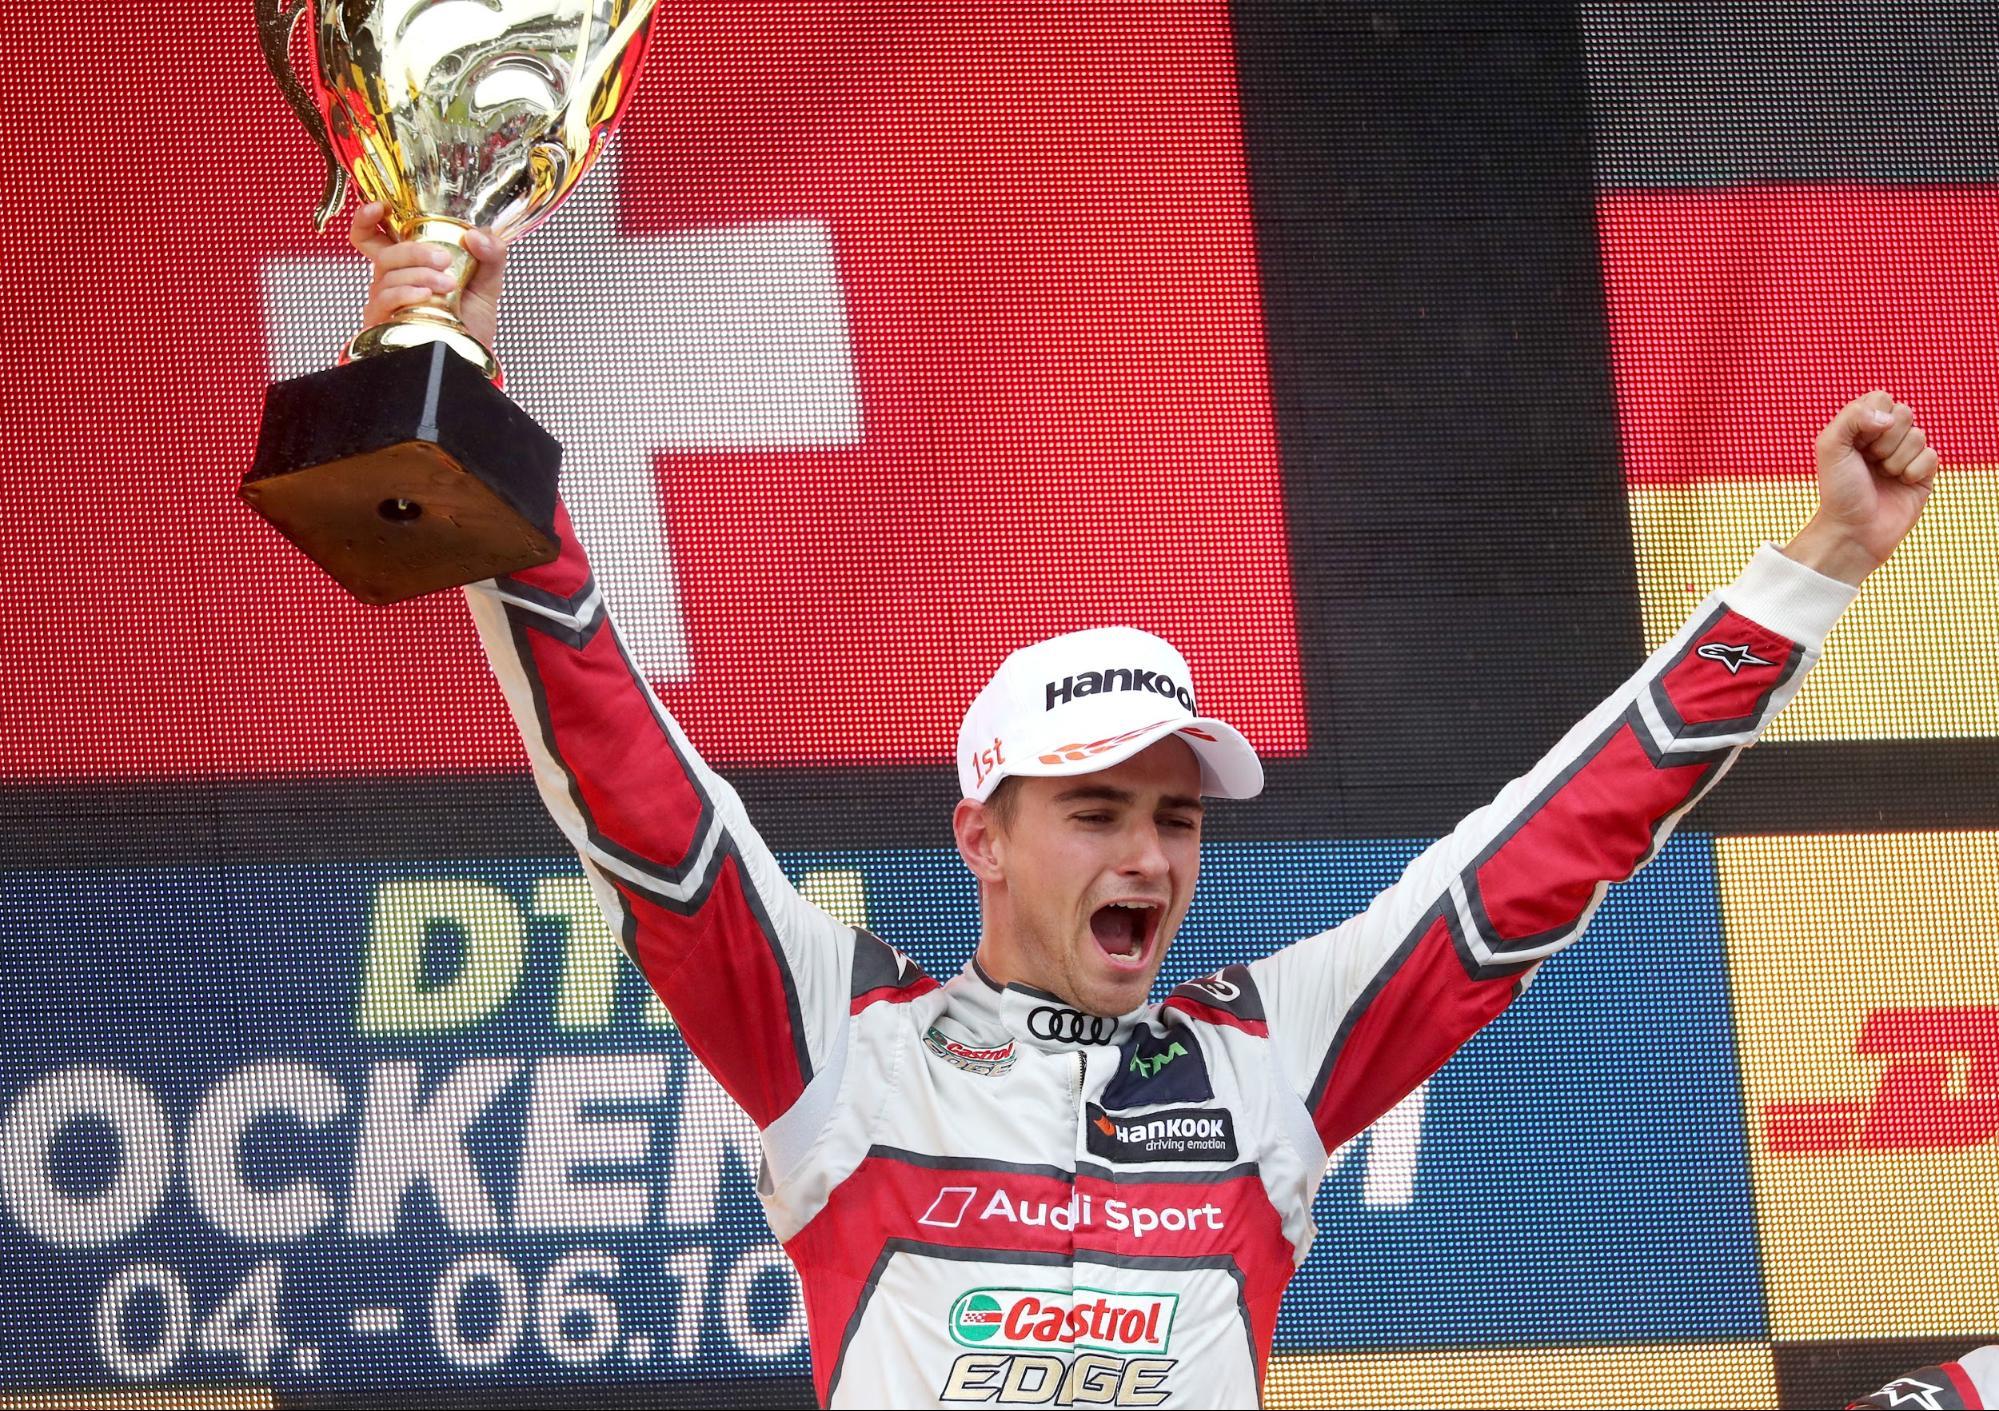 L'avversario è il vicecampione del mondo DTM: Nico Müller il 6 ottobre a Hockenheim (D). (AUDI)